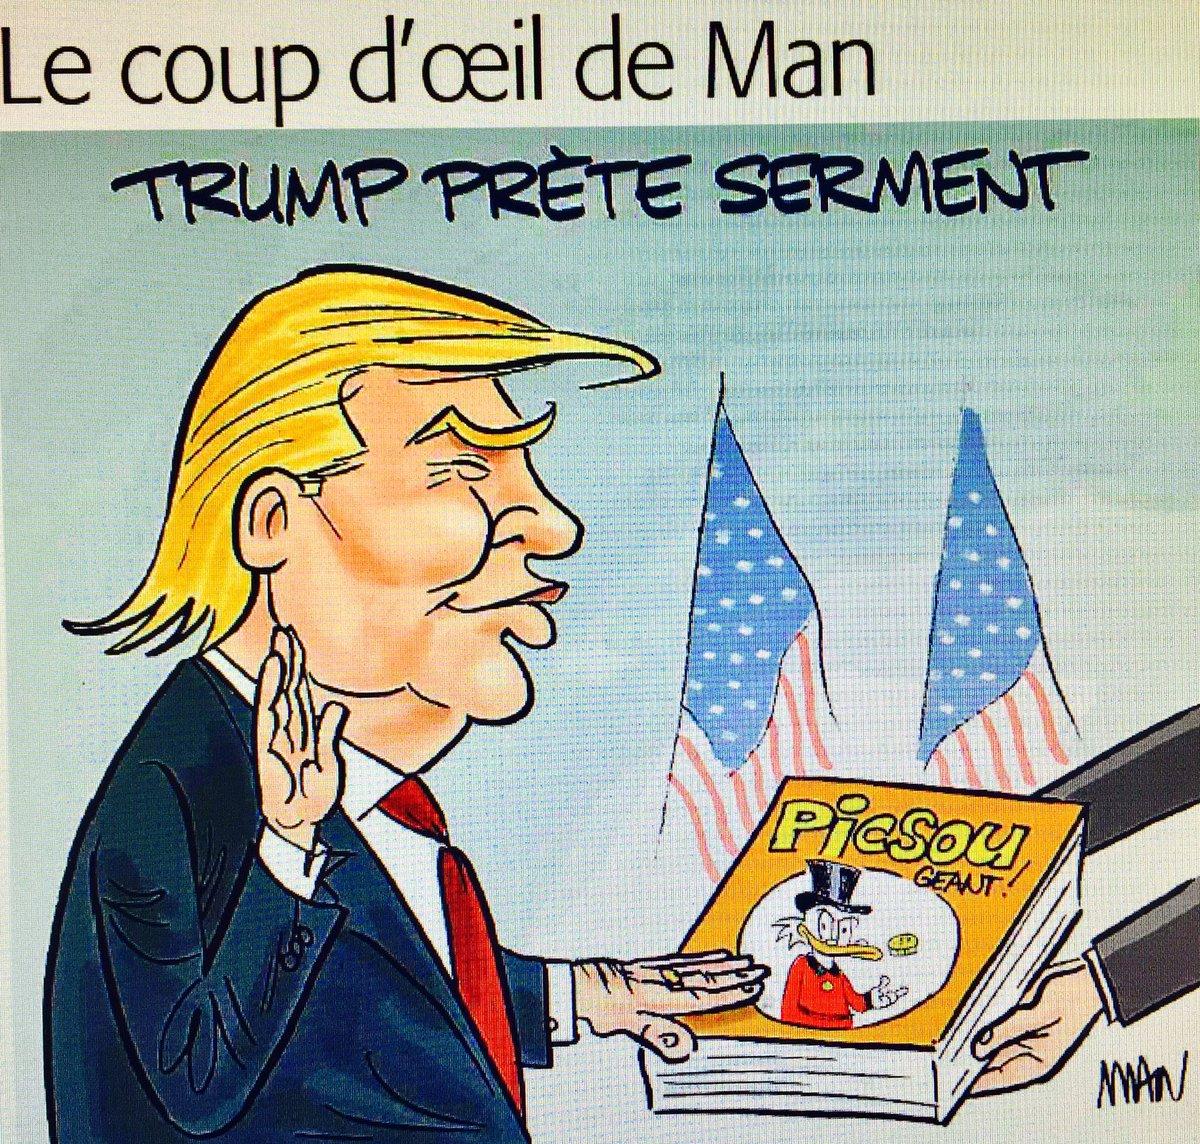 Coup d&#39;œil de #Man dans le @MidiLibreNimes du jour : &quot;#Trump prête serment&quot;  #TrumpInauguration #investituretrump<br>http://pic.twitter.com/6hZGuSScR3